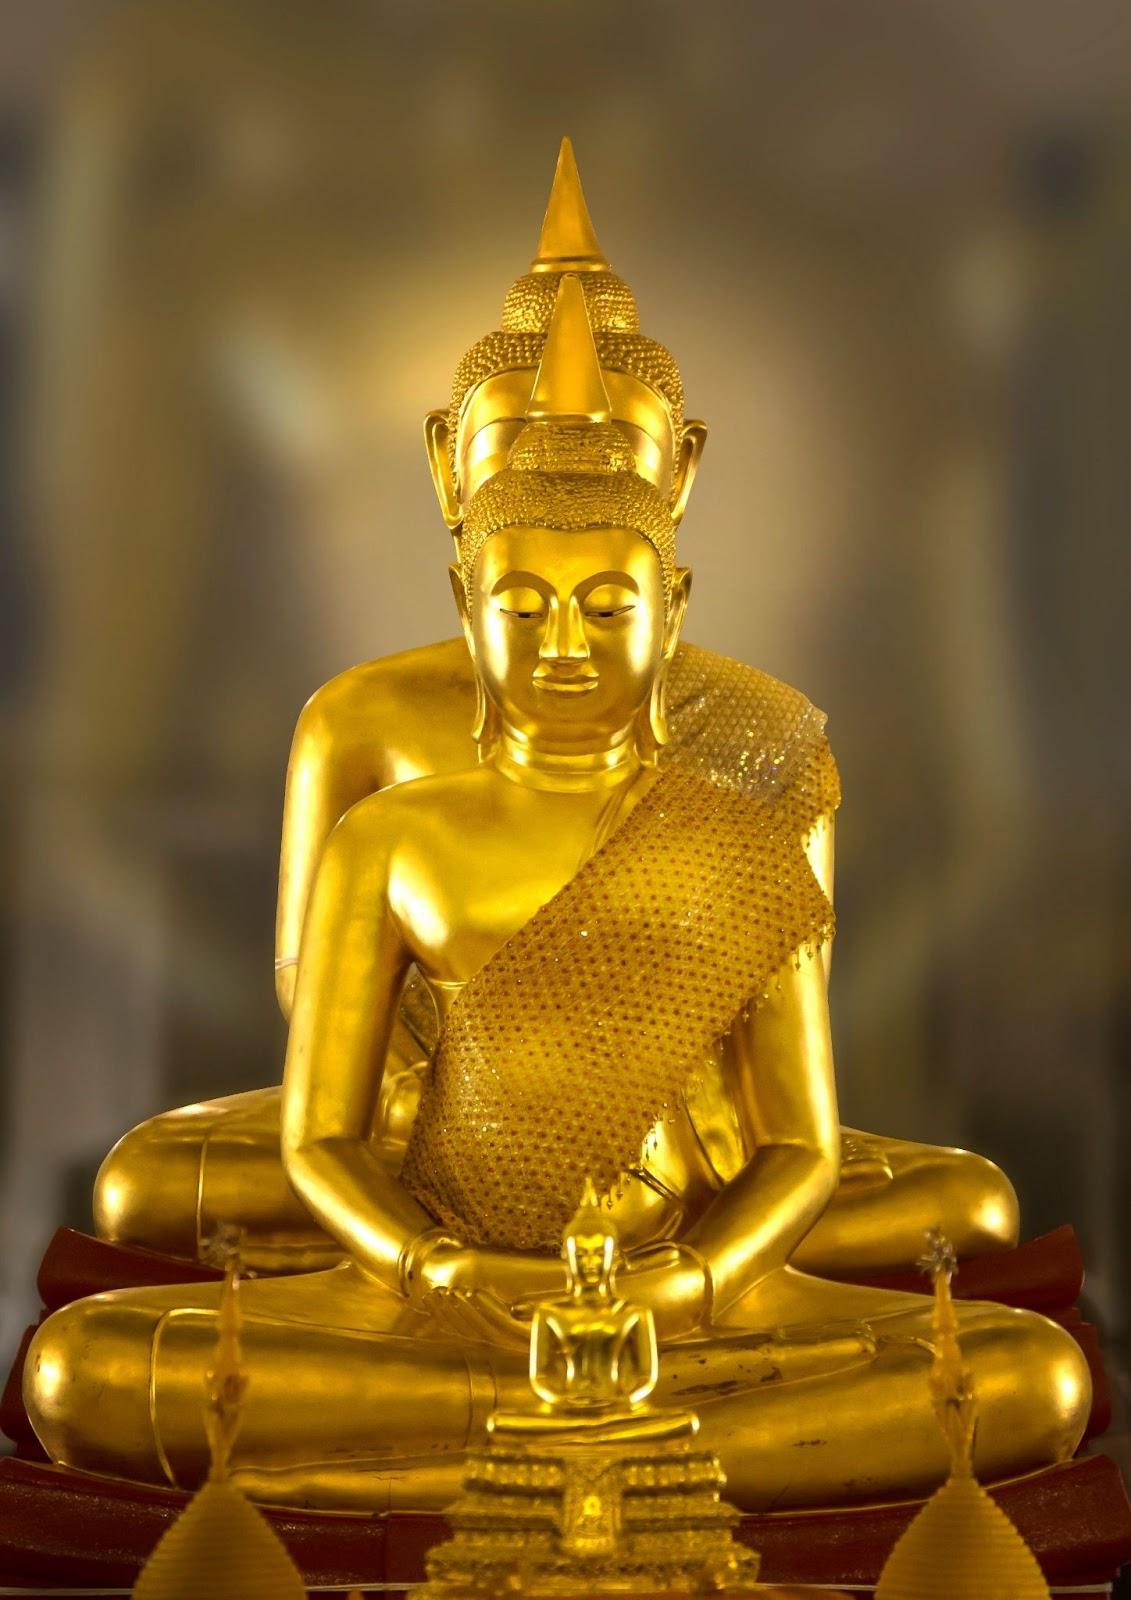 """ประวัติความเป็นมาสุดยอดเหรียญพระพุทธ กับ """"เหรียญหลวงพ่อโสธร รุ่นแรก ปี พ.ศ 2460"""" !  04"""